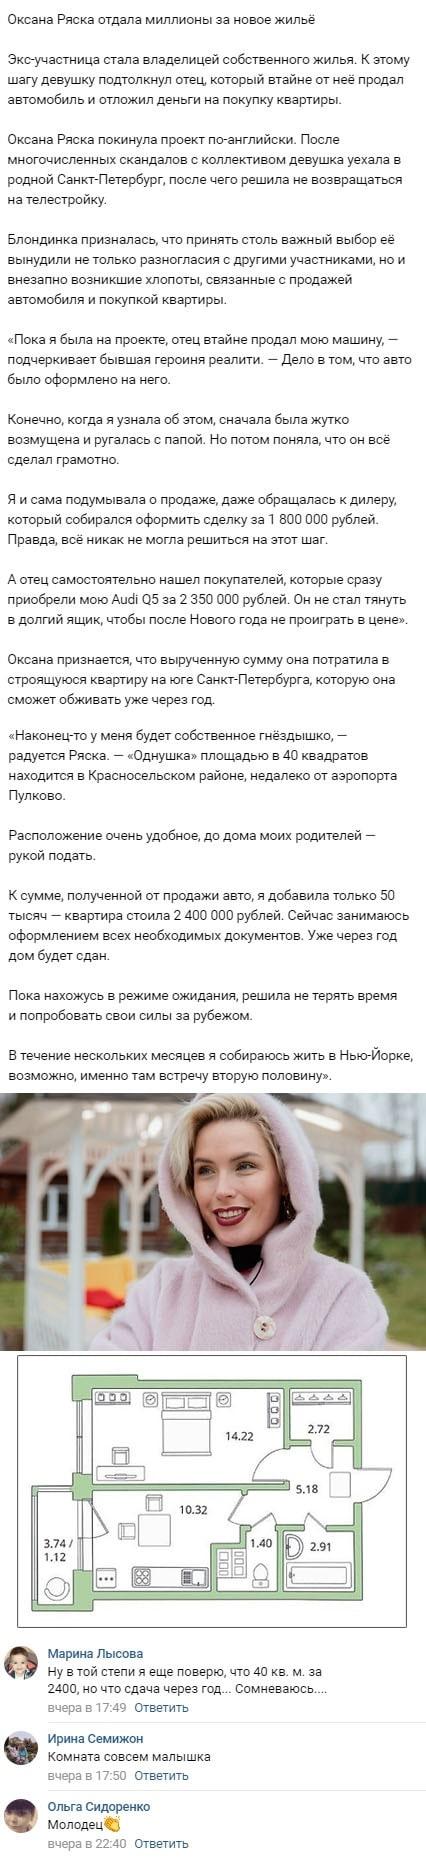 Оксана Ряска купила однокомнатную квартиру в Санкт-Петербурге